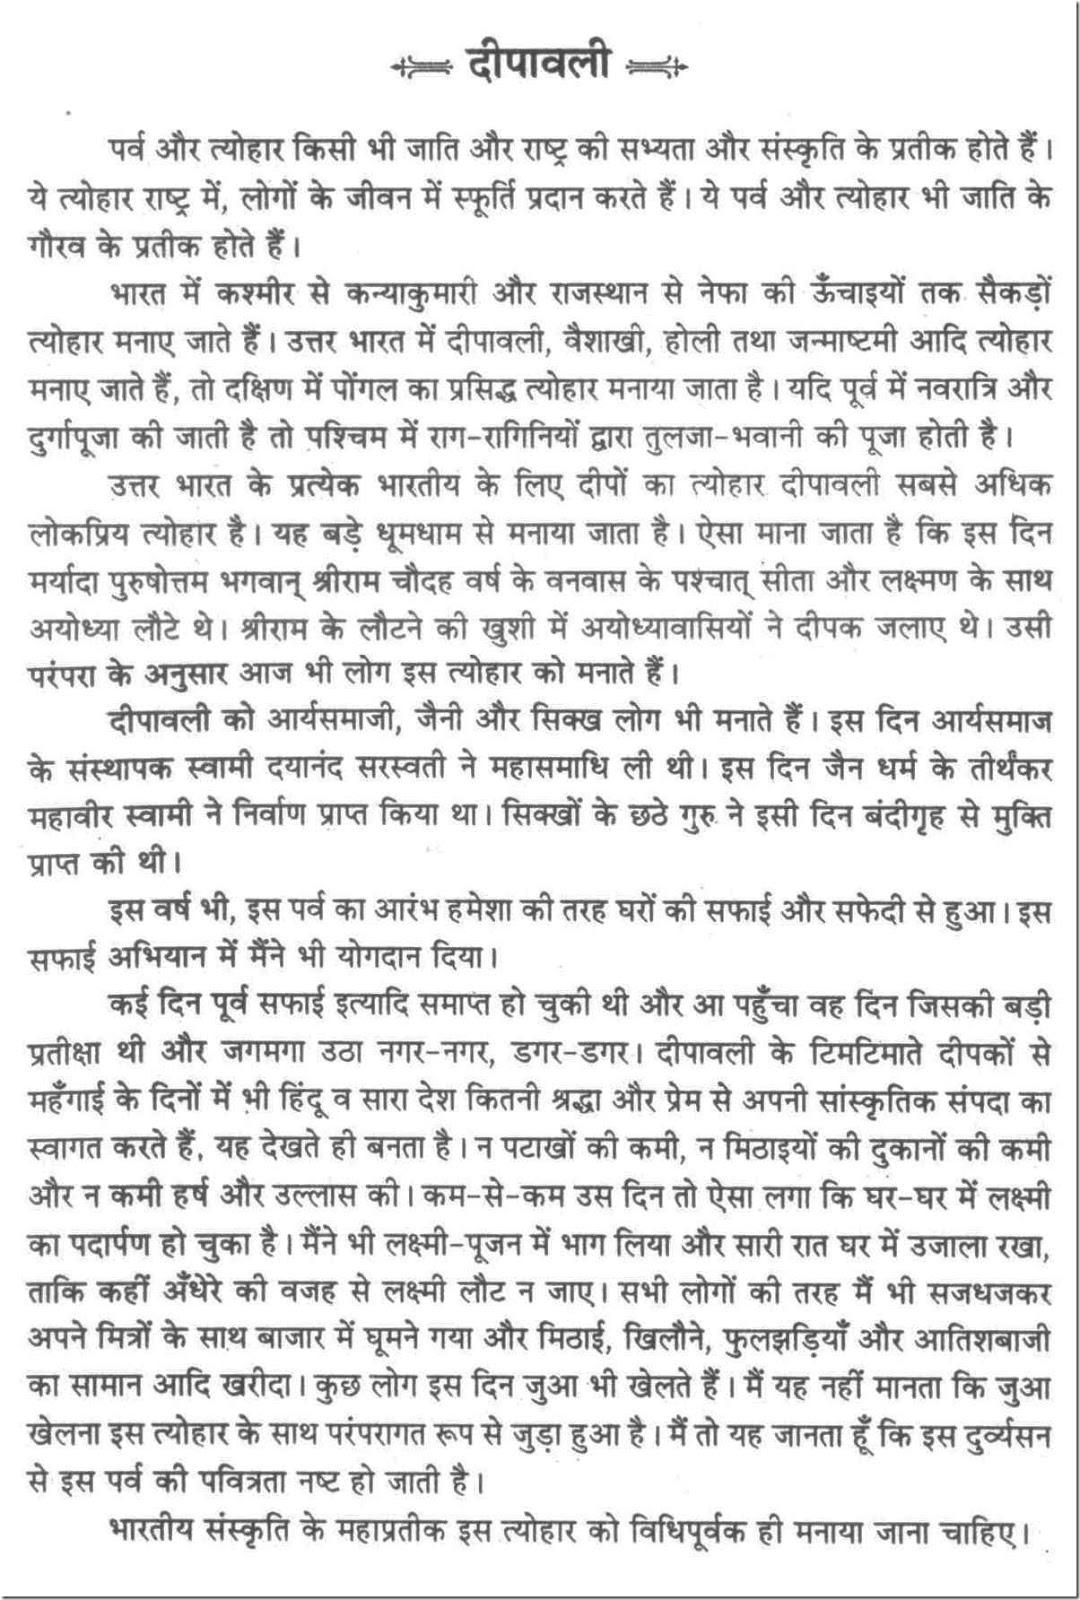 Diwali Ka Essay In English Cynosurehealthorg Diwali Essay In Marathi Pdf  %281%29 Diwali